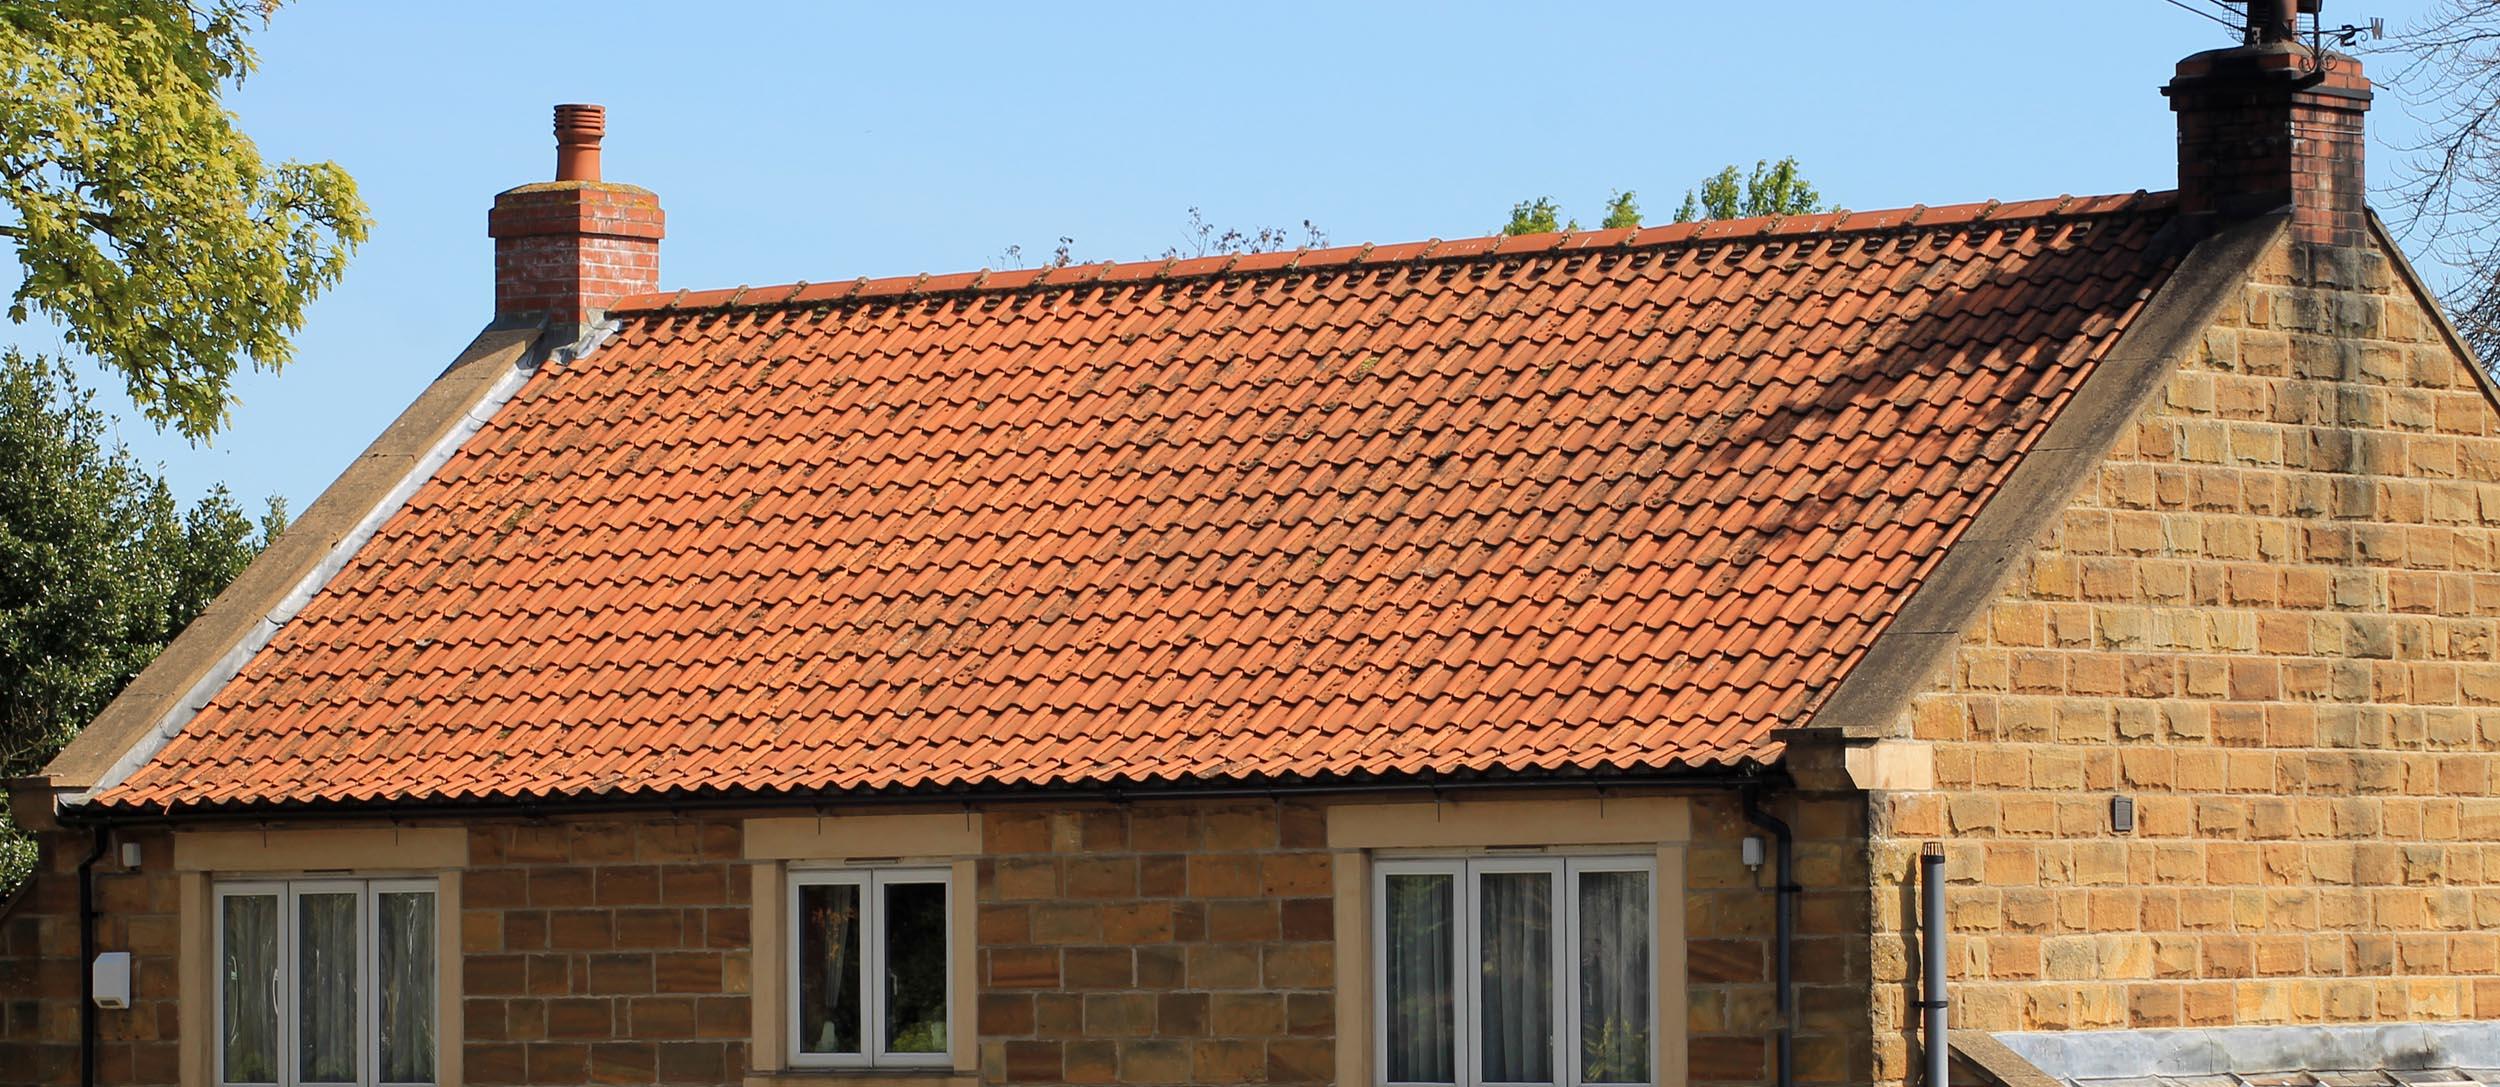 C Baird Roofing In Glasgow